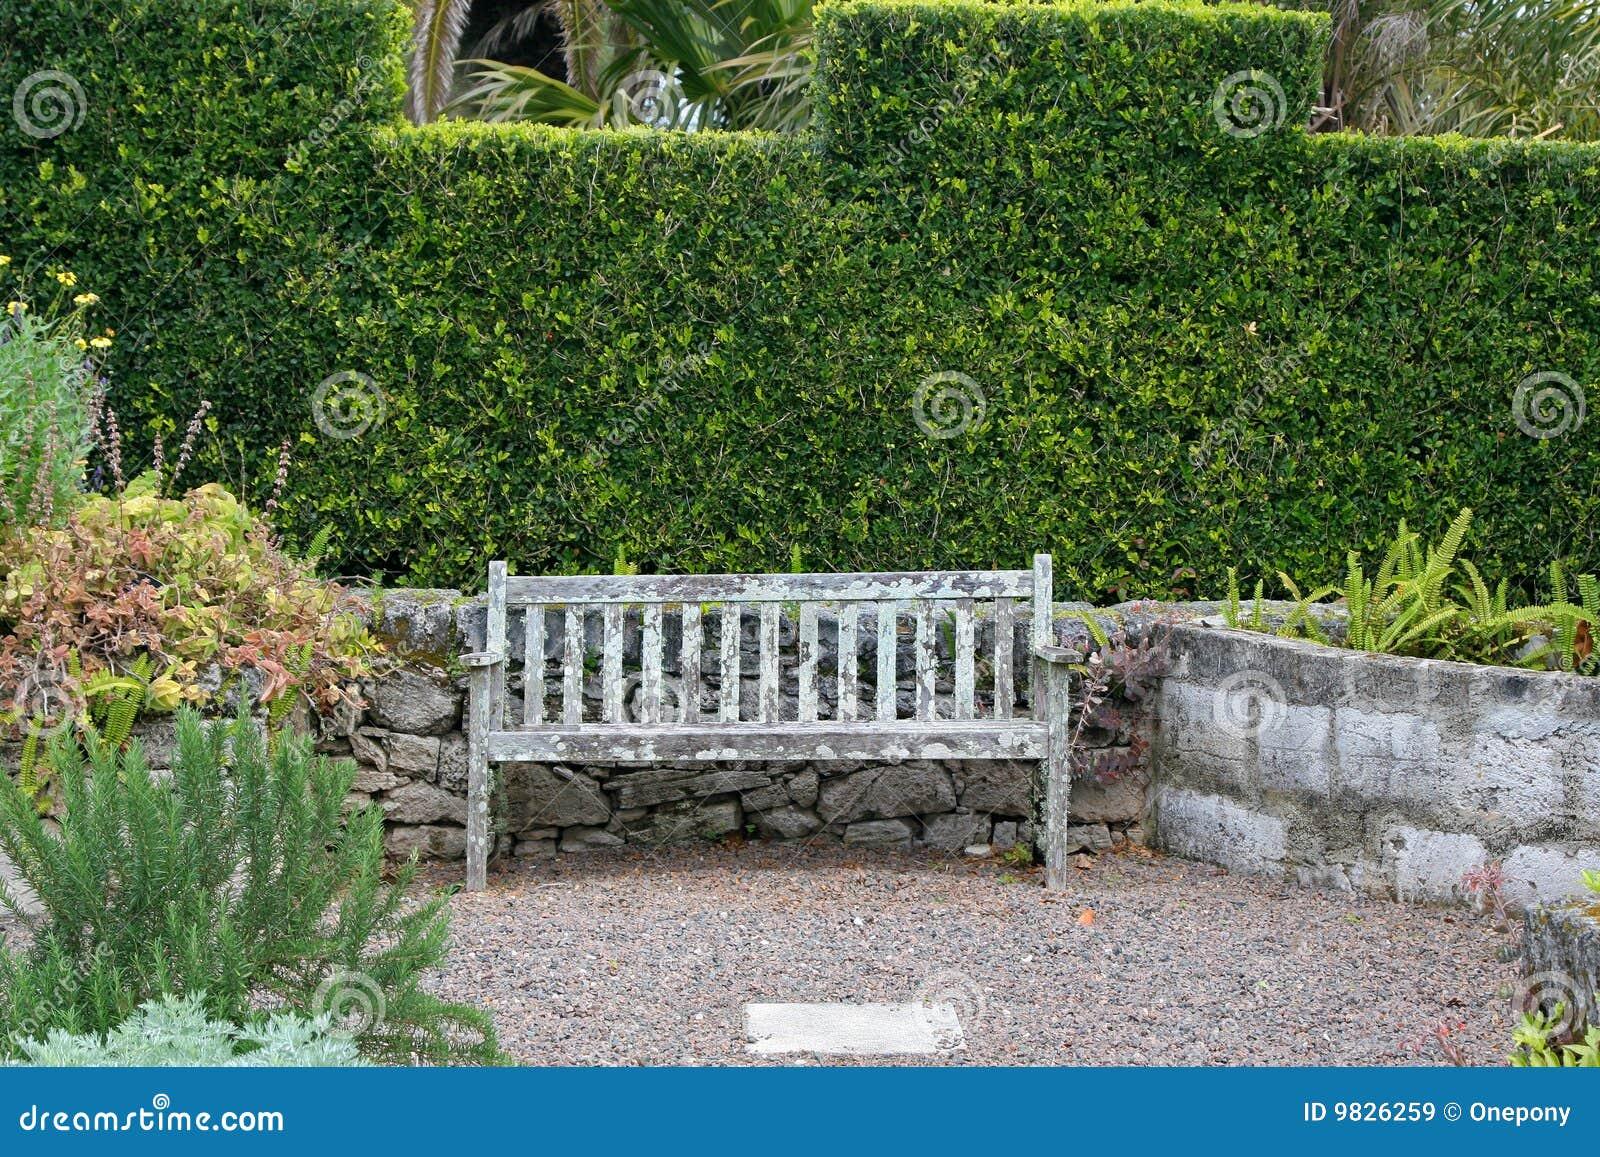 Vieux banc de jardin images libres de droits image 9826259 for Plan de banc de jardin